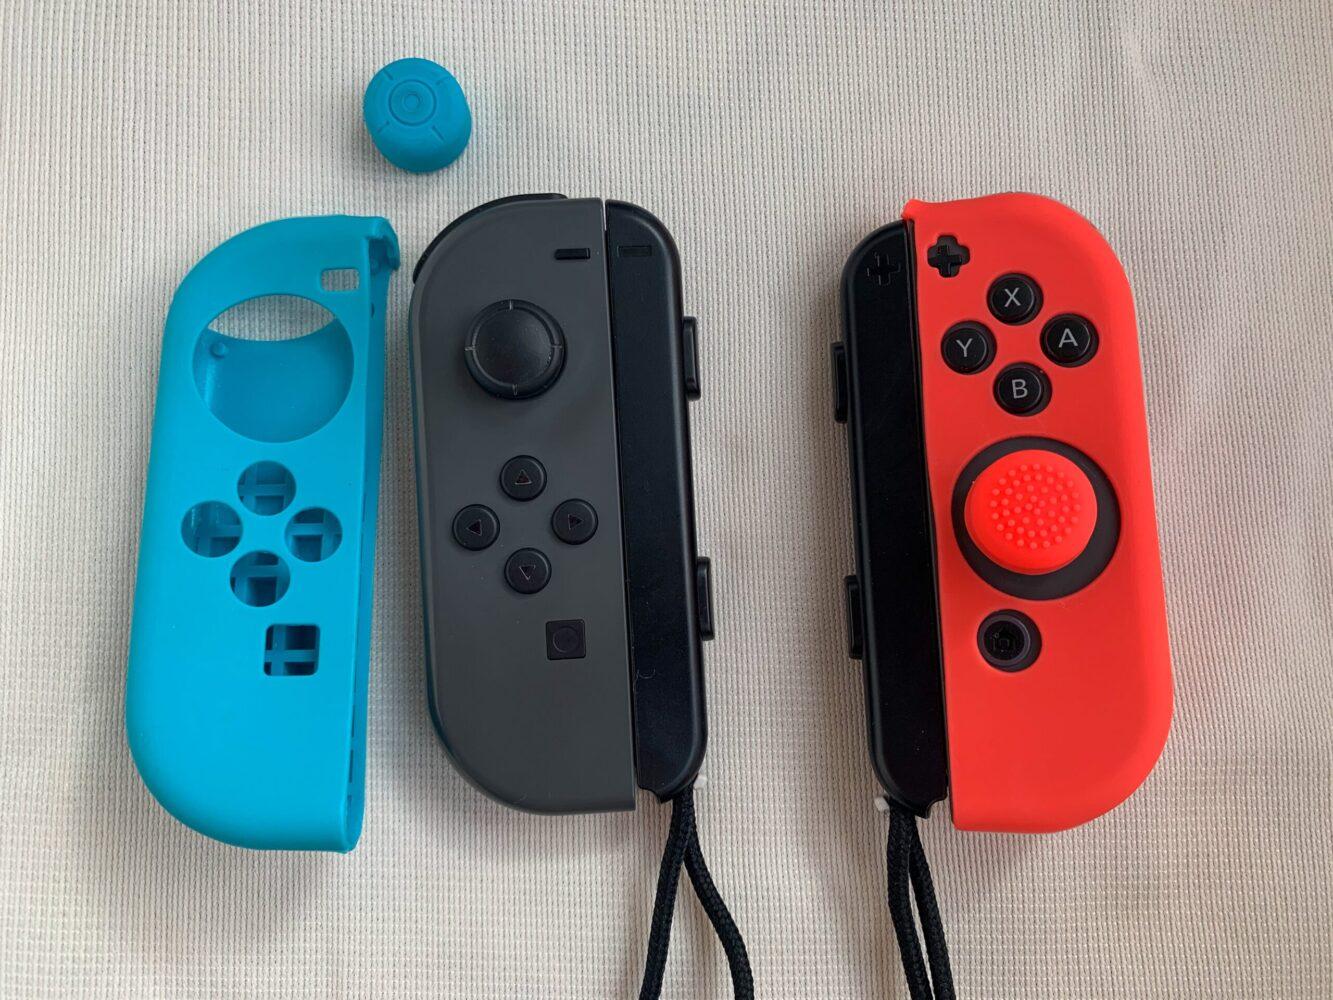 Het Gezinsleven - Gezinsactiviteiten - Speelgoed - De Nintendo Switch - Hoe je de Joy Cons beschermd tegen vallen